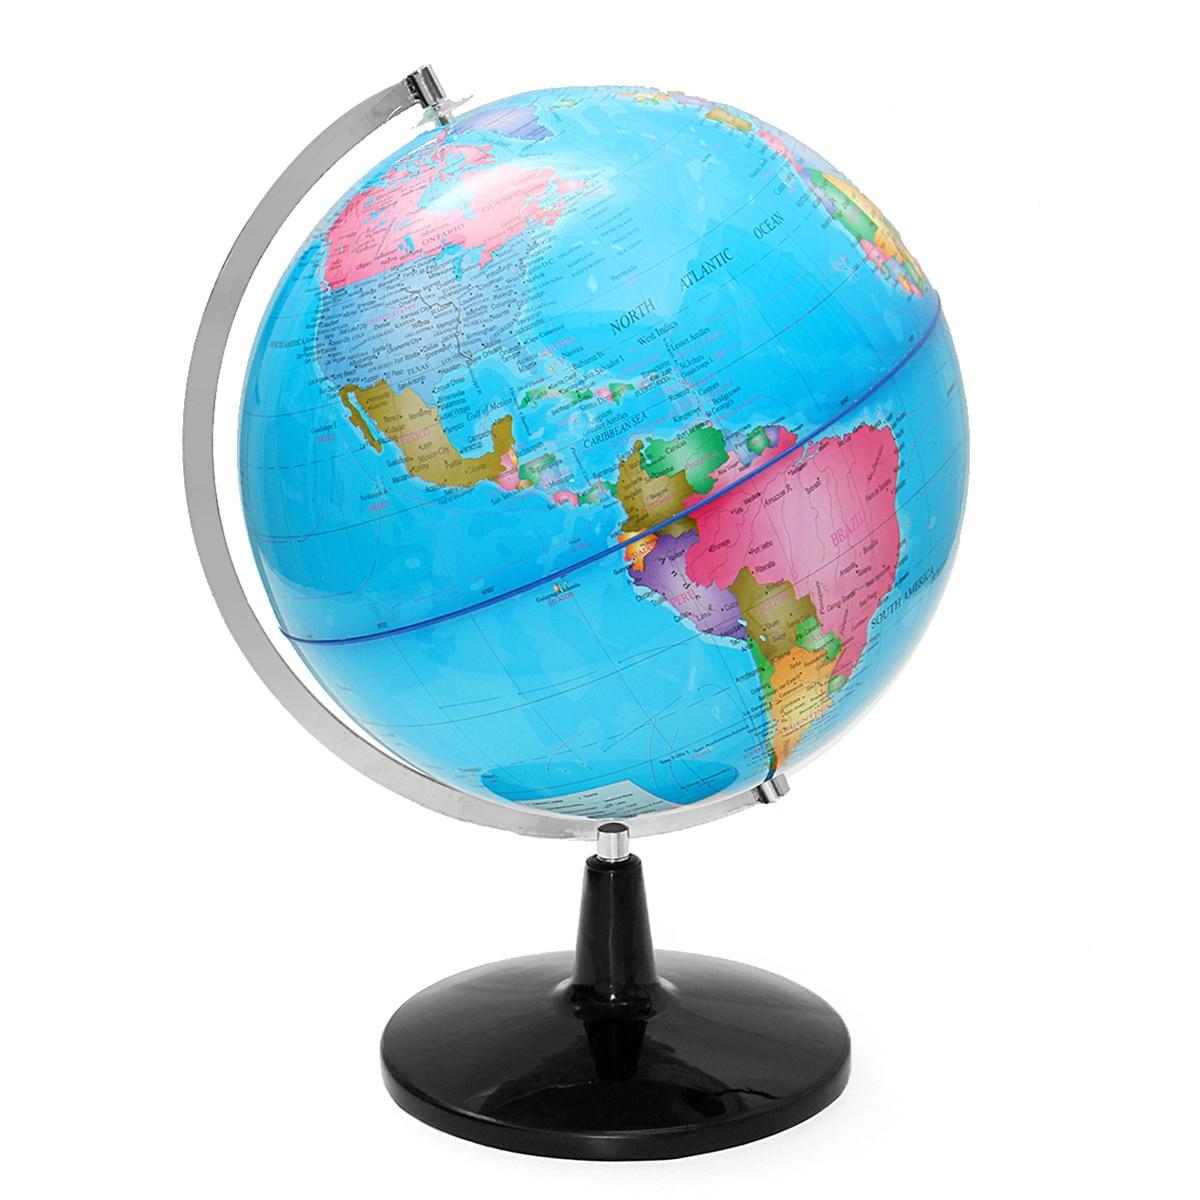 32 cm Électrique LED Lumière Monde Globe Terre Carte Enseigner L'éducation Géographie Toy Terrestre Tellurion Globe home Office Décor de Bureau - 3